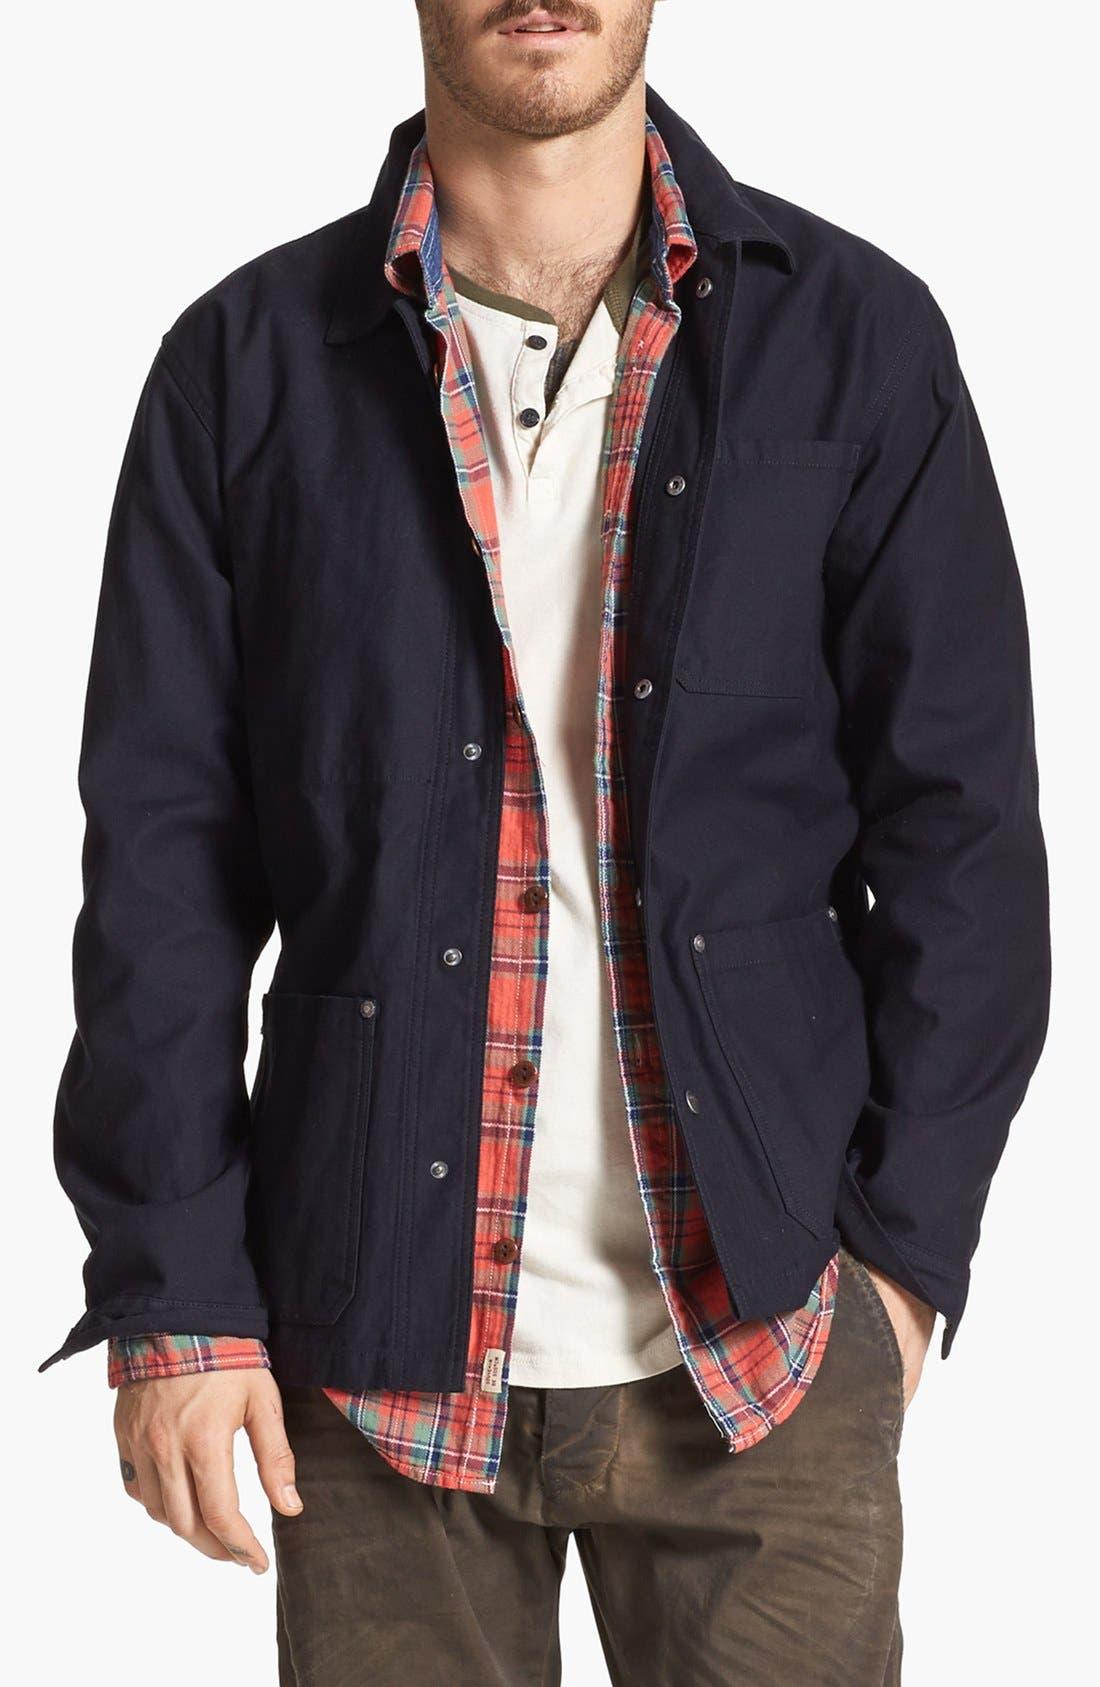 Alternate Image 1 Selected - Brixton 'Survey' Twill Jacket